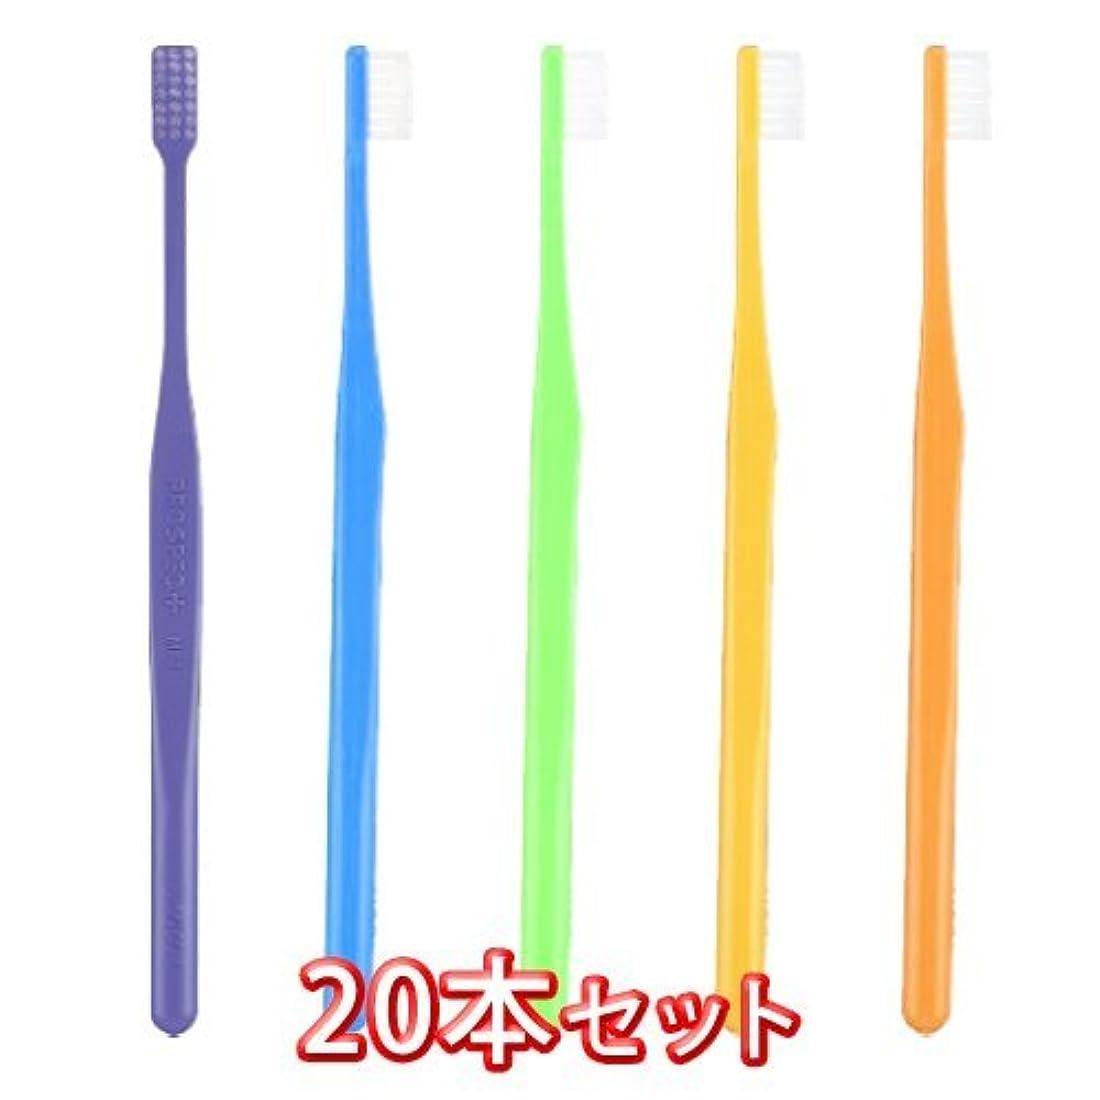 脆い望まない受信機プロスペック プラス ミニ歯ブラシ 20本入